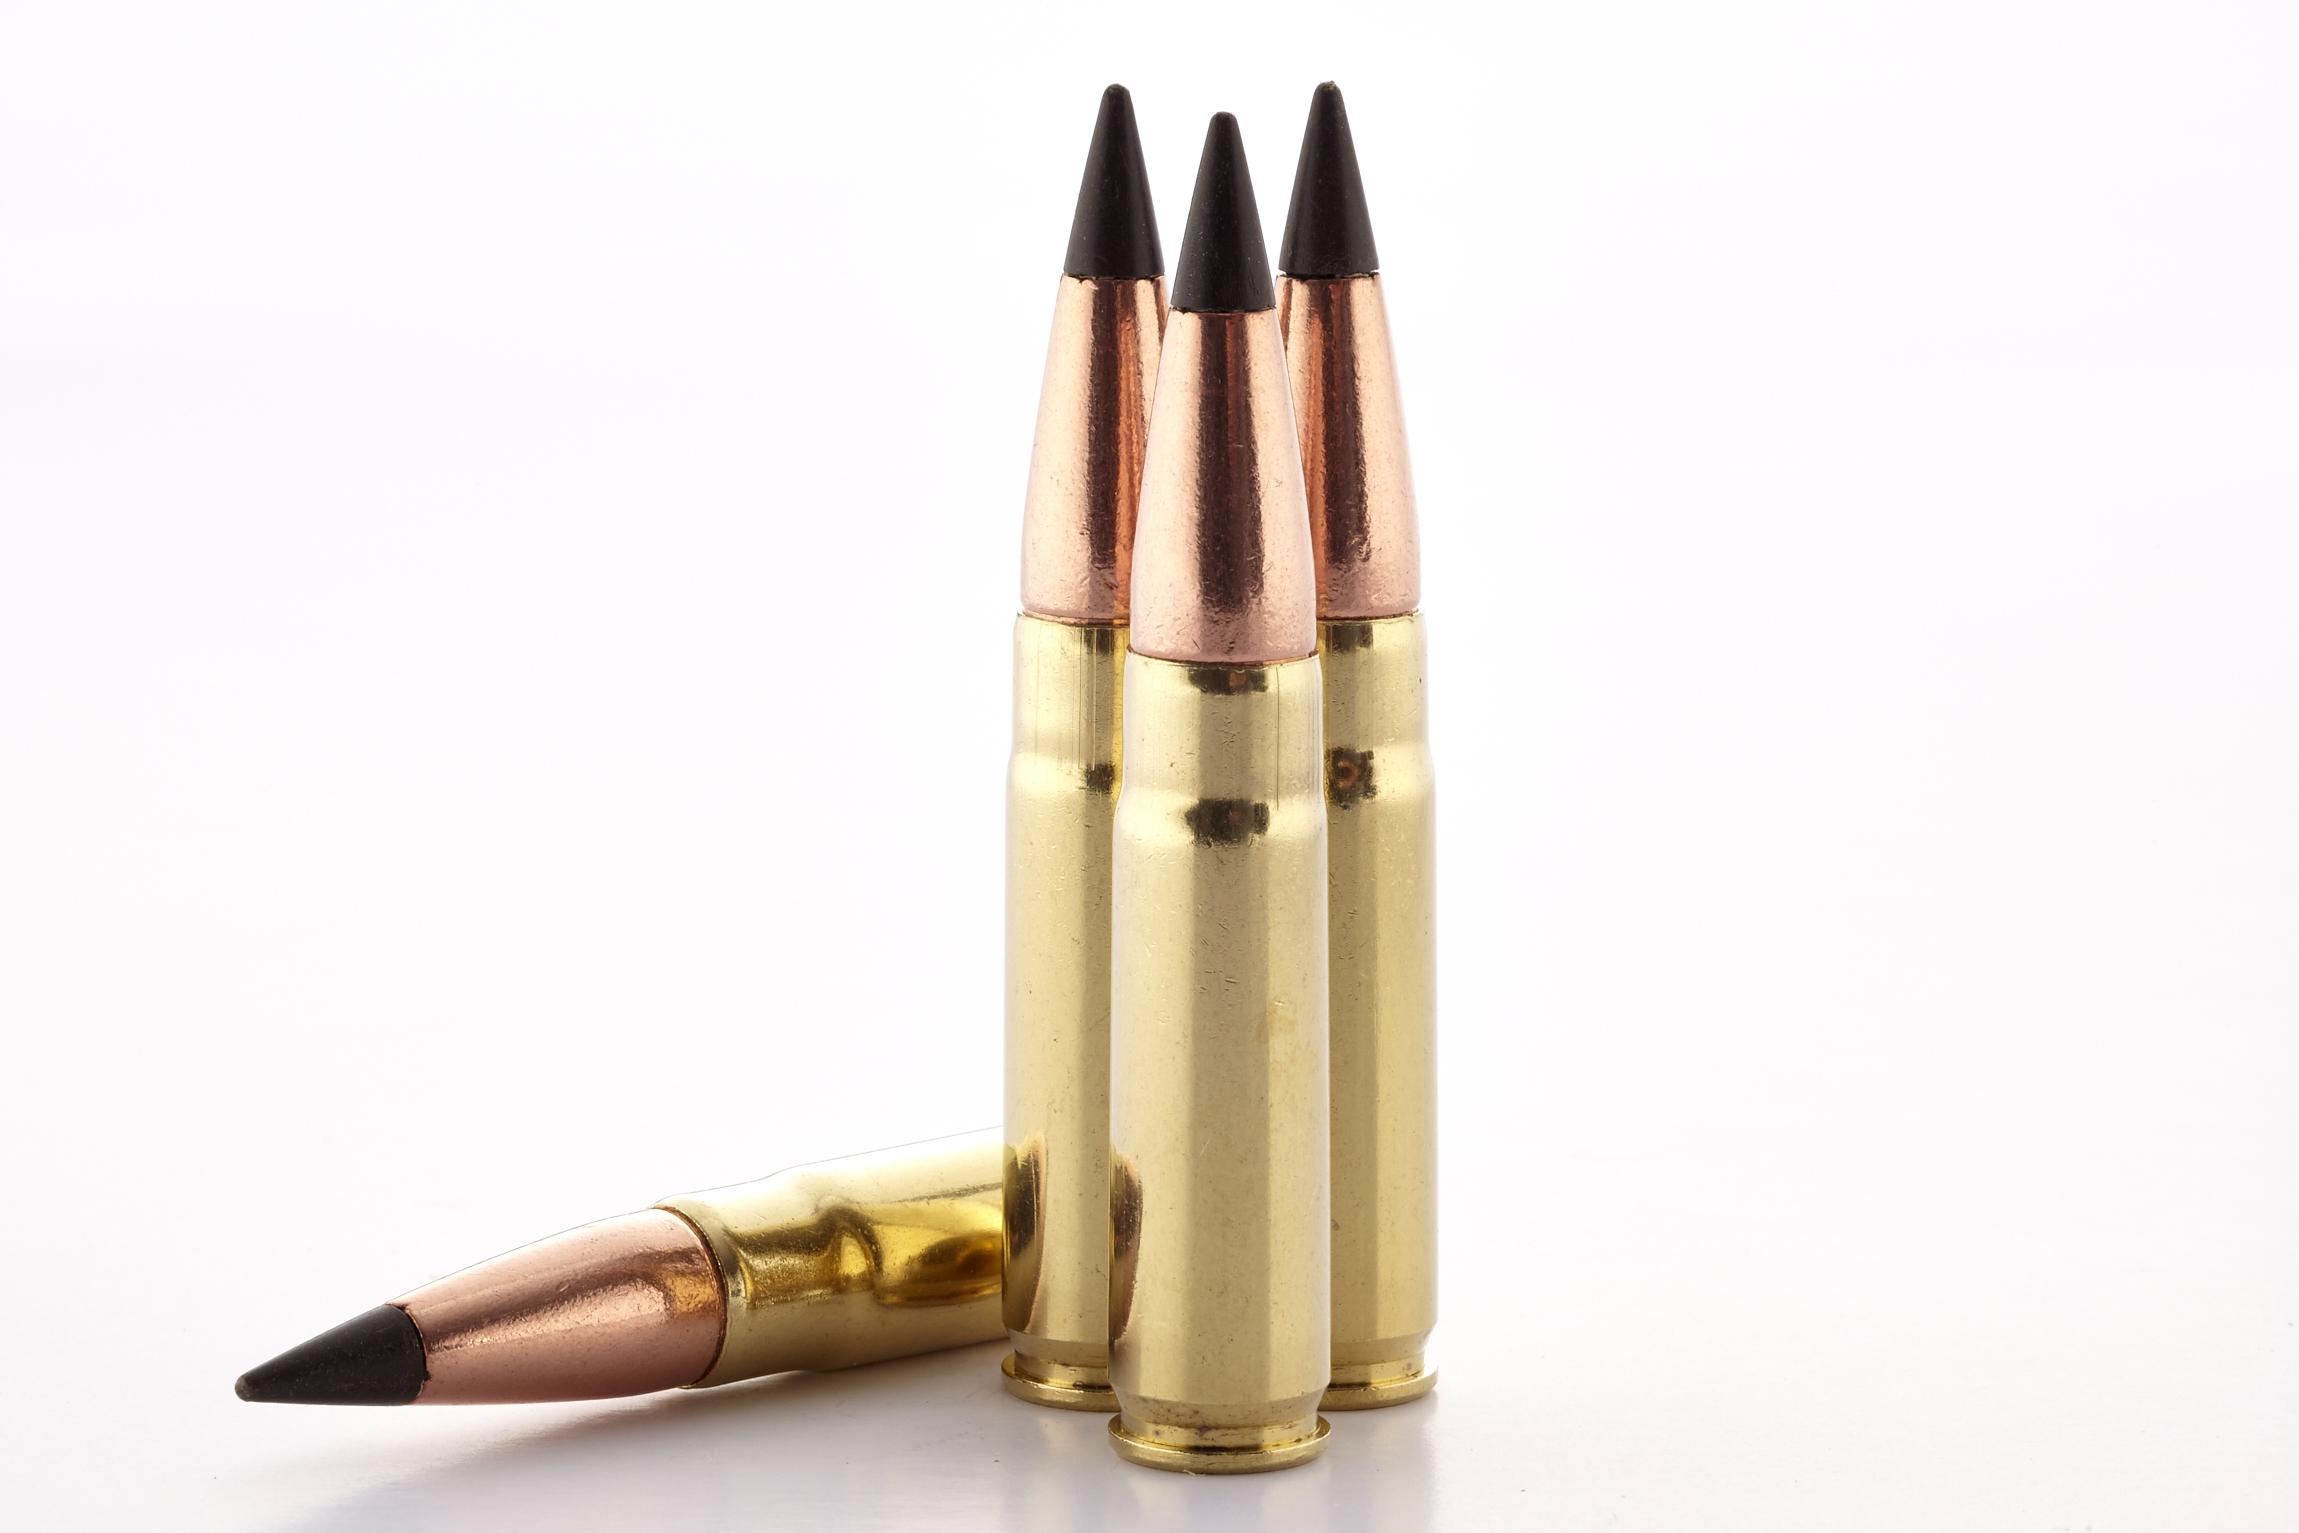 300 BLK | 110 gr. Barnes TAC-TX | 2400 FPS - 16 Barrel ...